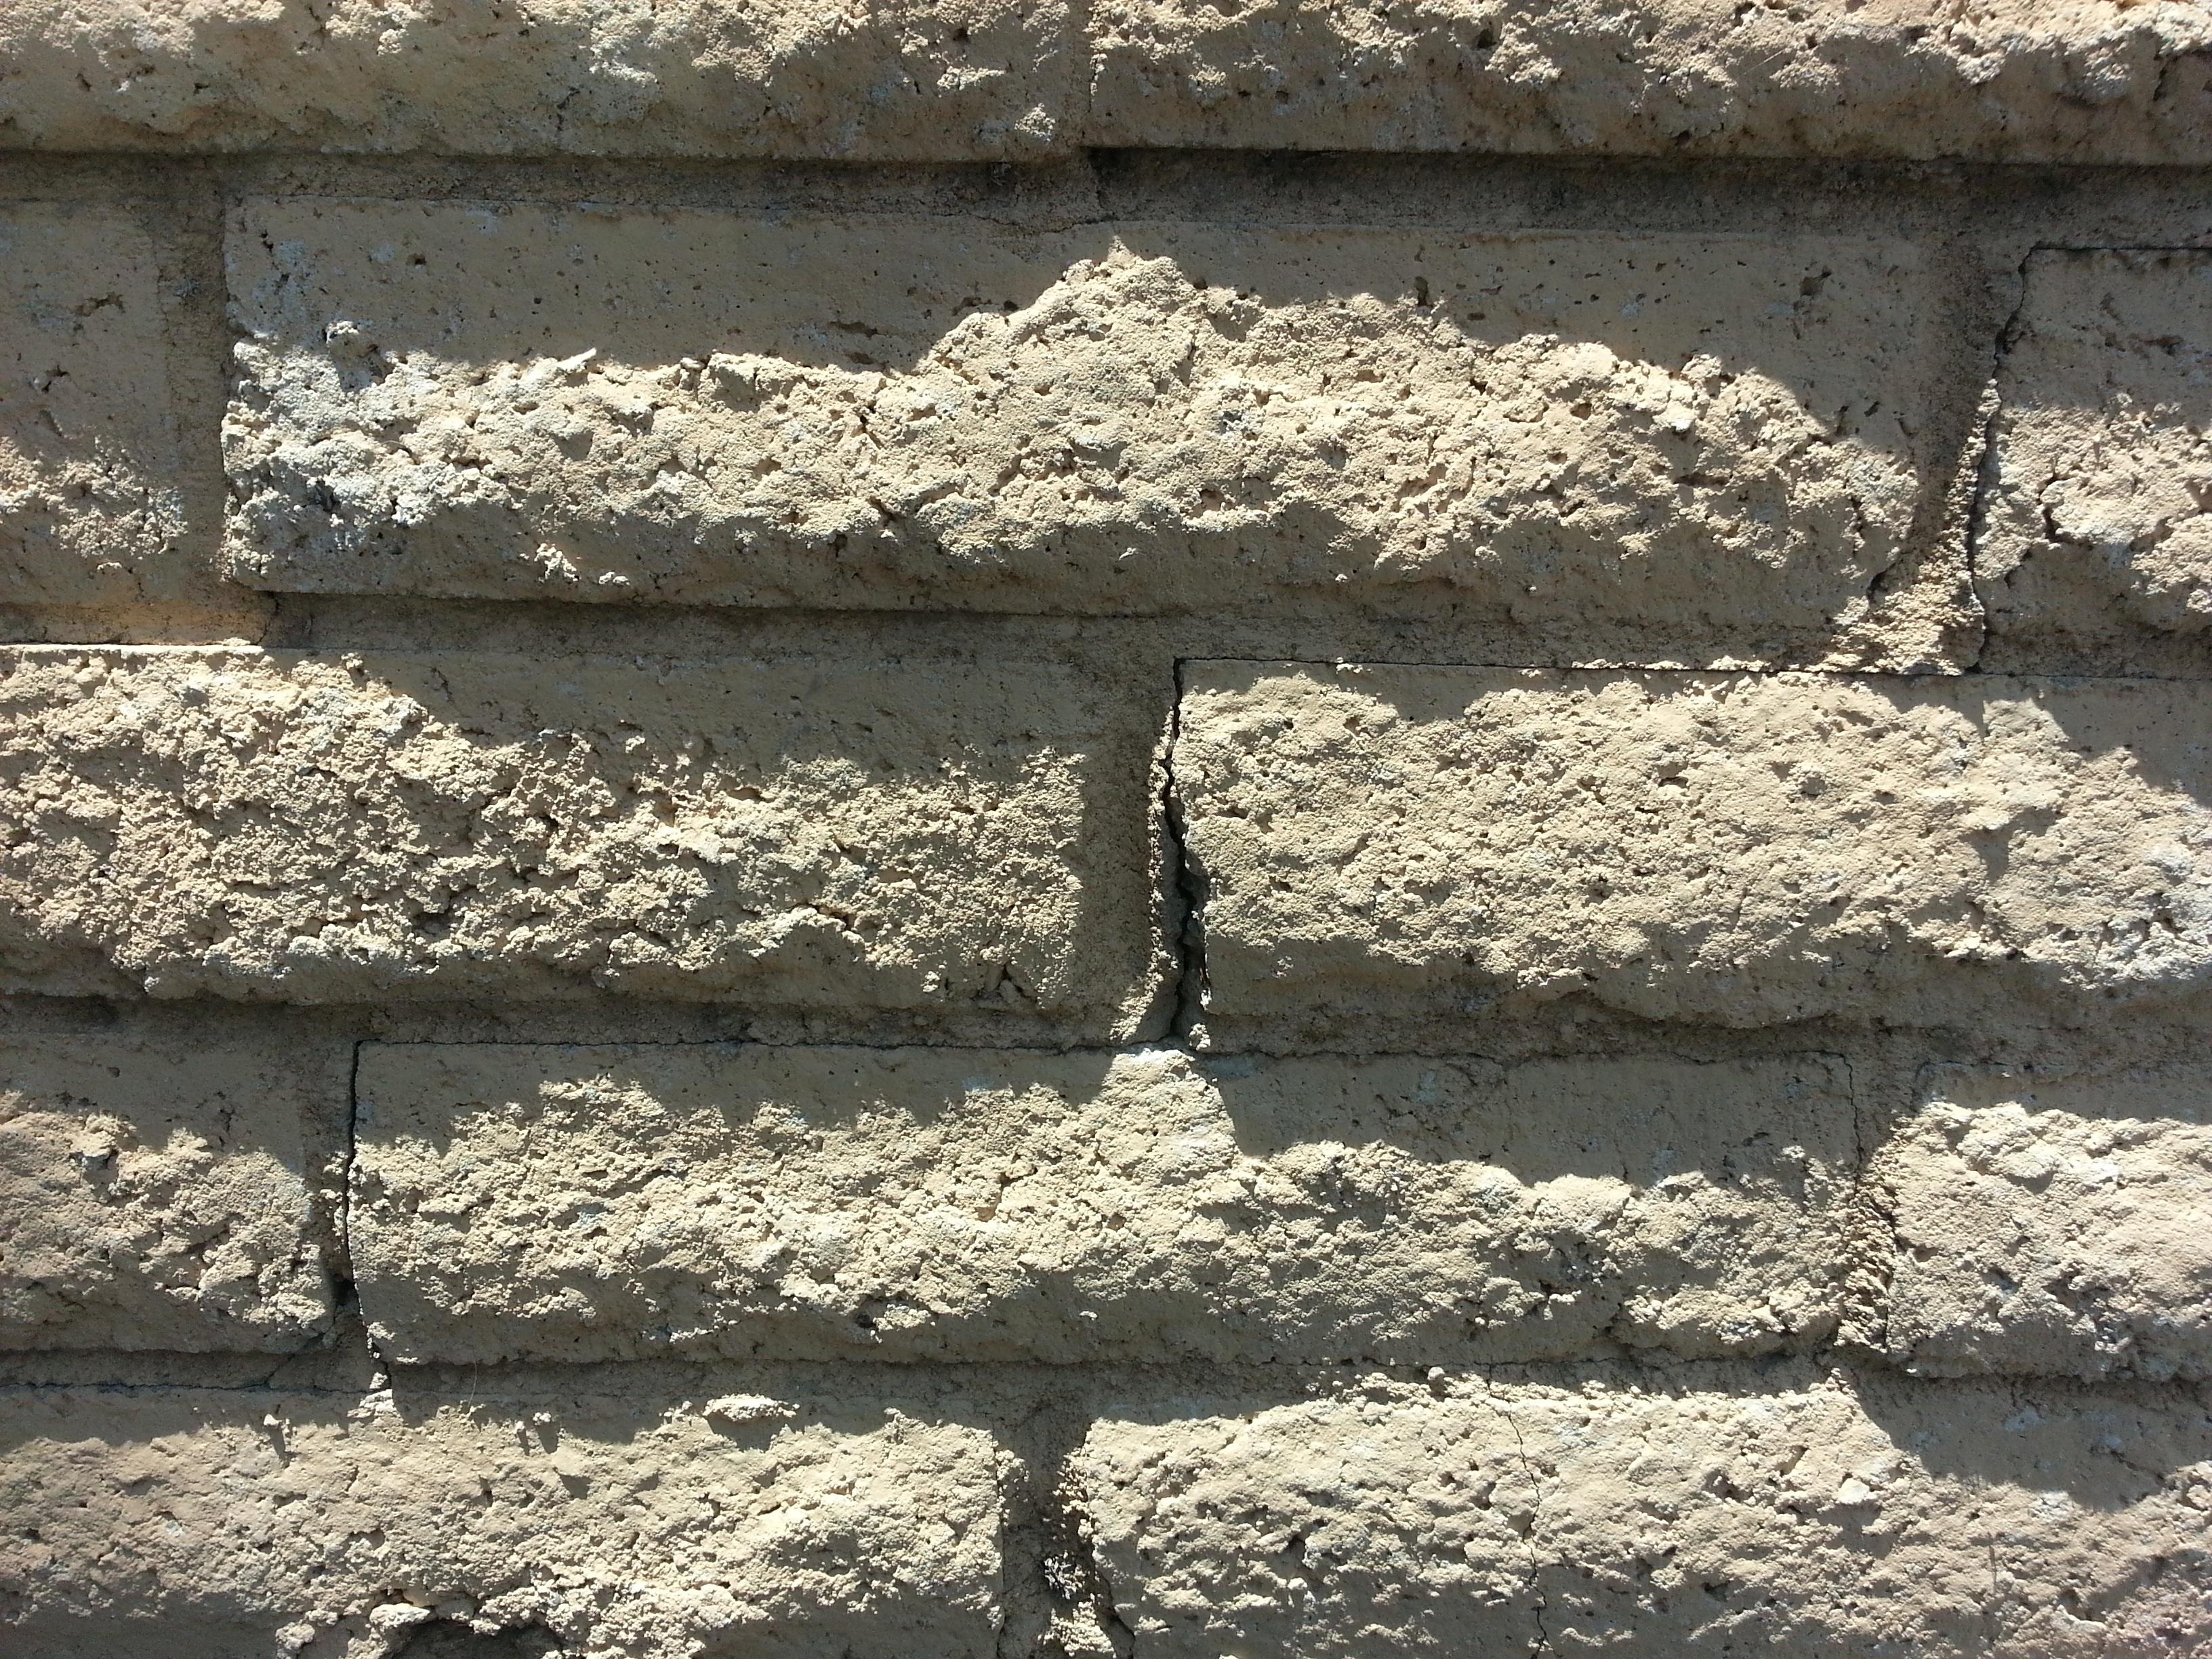 rock blanco pared sombra suelo exterior pared de piedra ladrillo material bloquear escombros pared de ladrillo